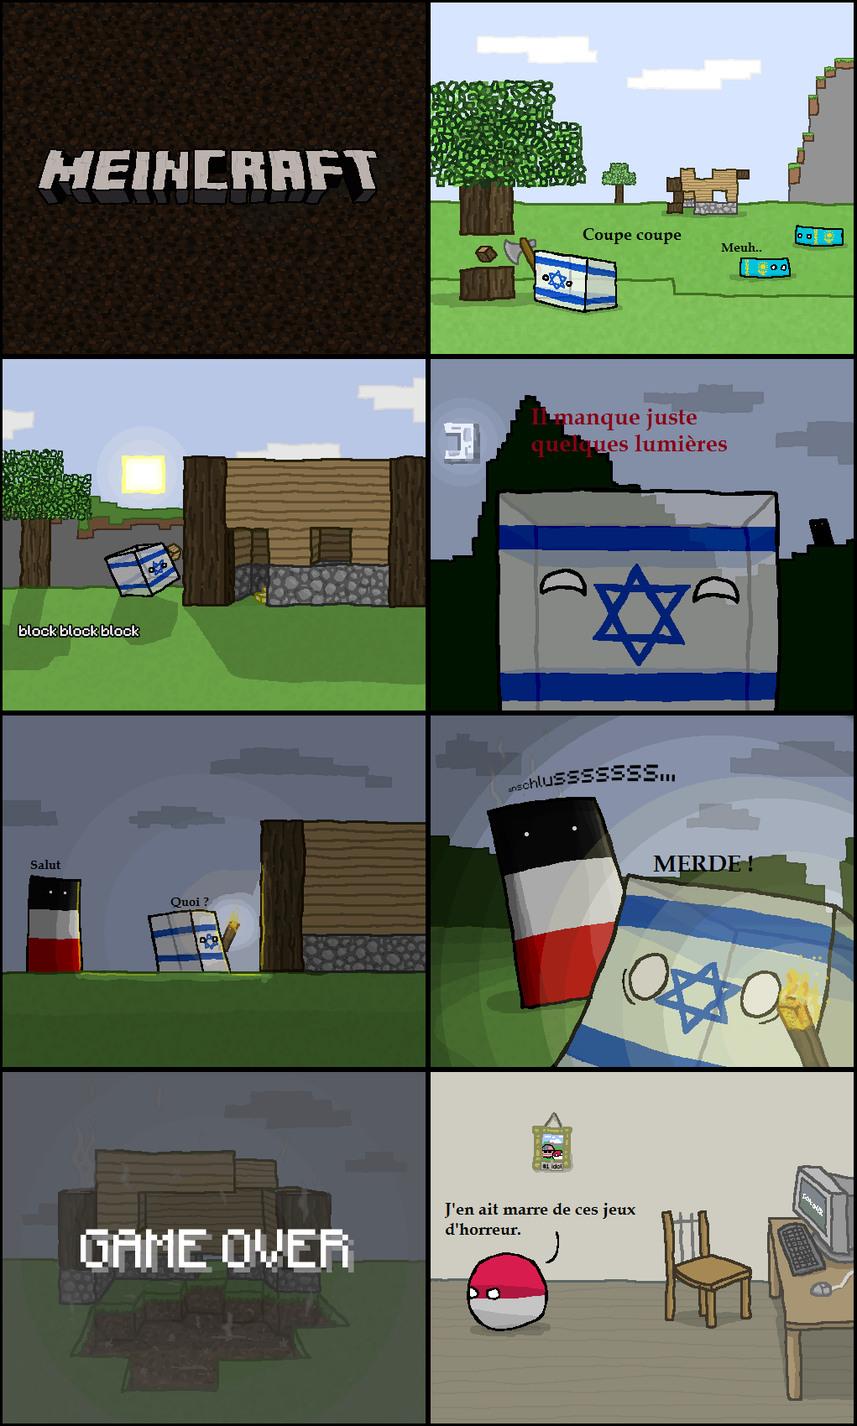 Polandball en mode Minecraft - meme